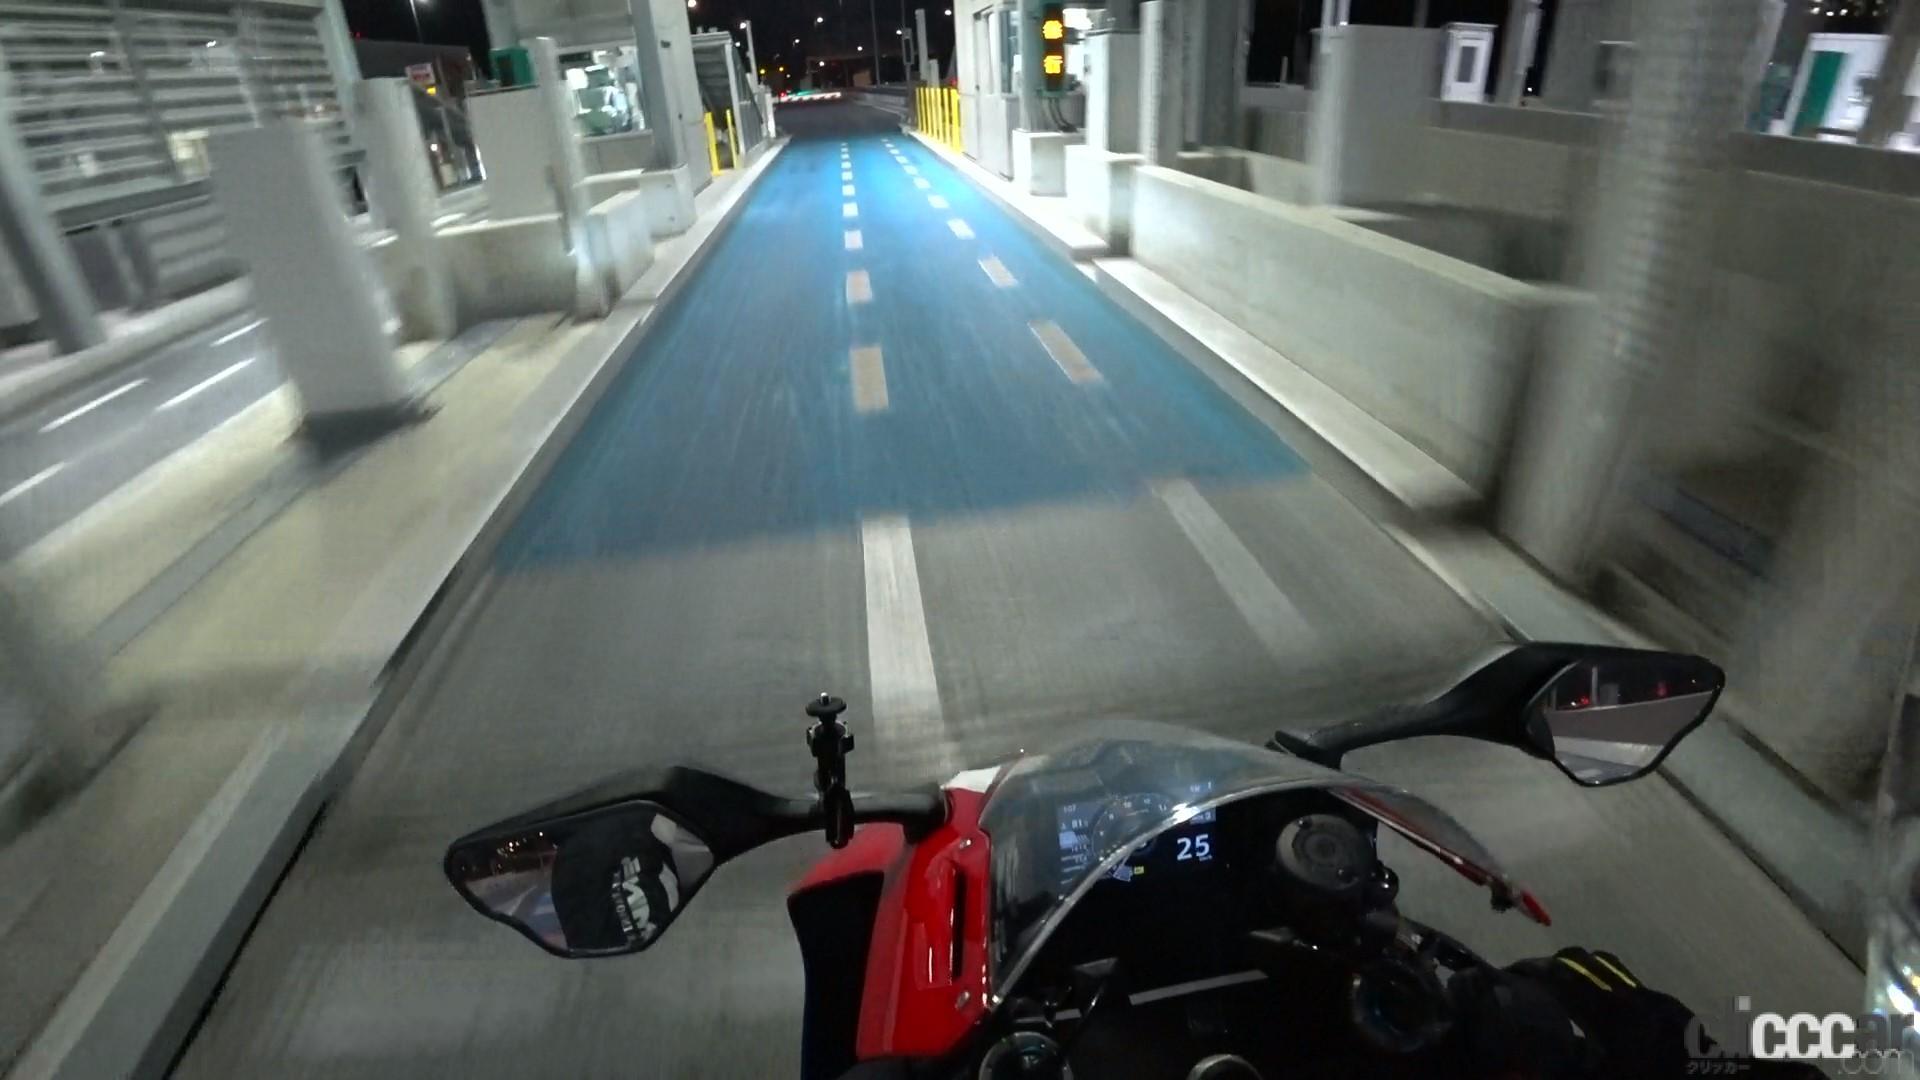 東京オリンピック・パラリンピック2020期間中、昼間1000円増し乗用車も0時~4時の夜間は料金半額の首都高を走ってみた【週刊クルマのミライ】